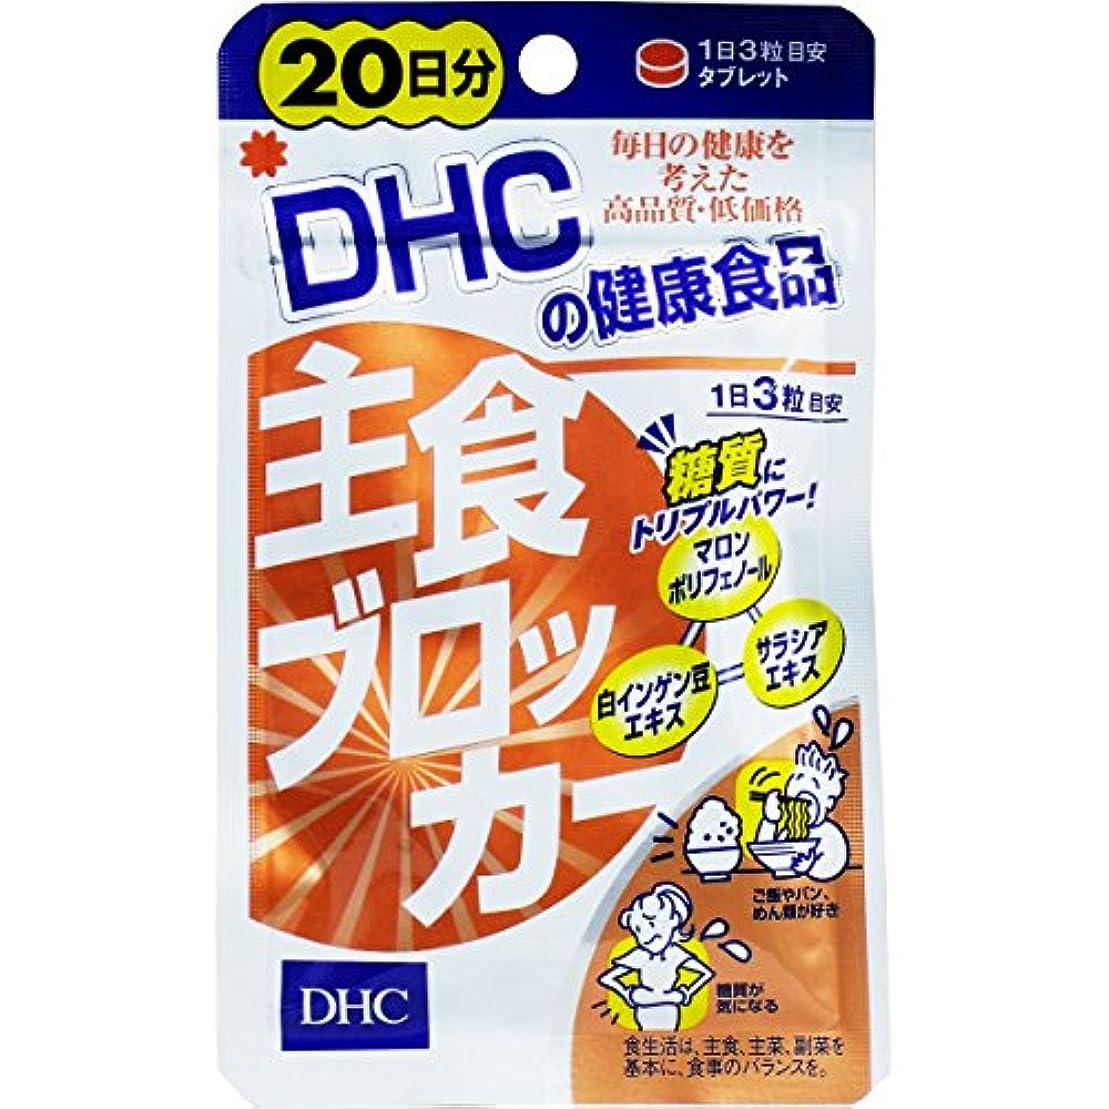 アプライアンスリーフレット慎重にダイエット トリプルパワーでため込み対策 栄養機能食品 DHC 主食ブロッカー 20日分 60粒入【3個セット】